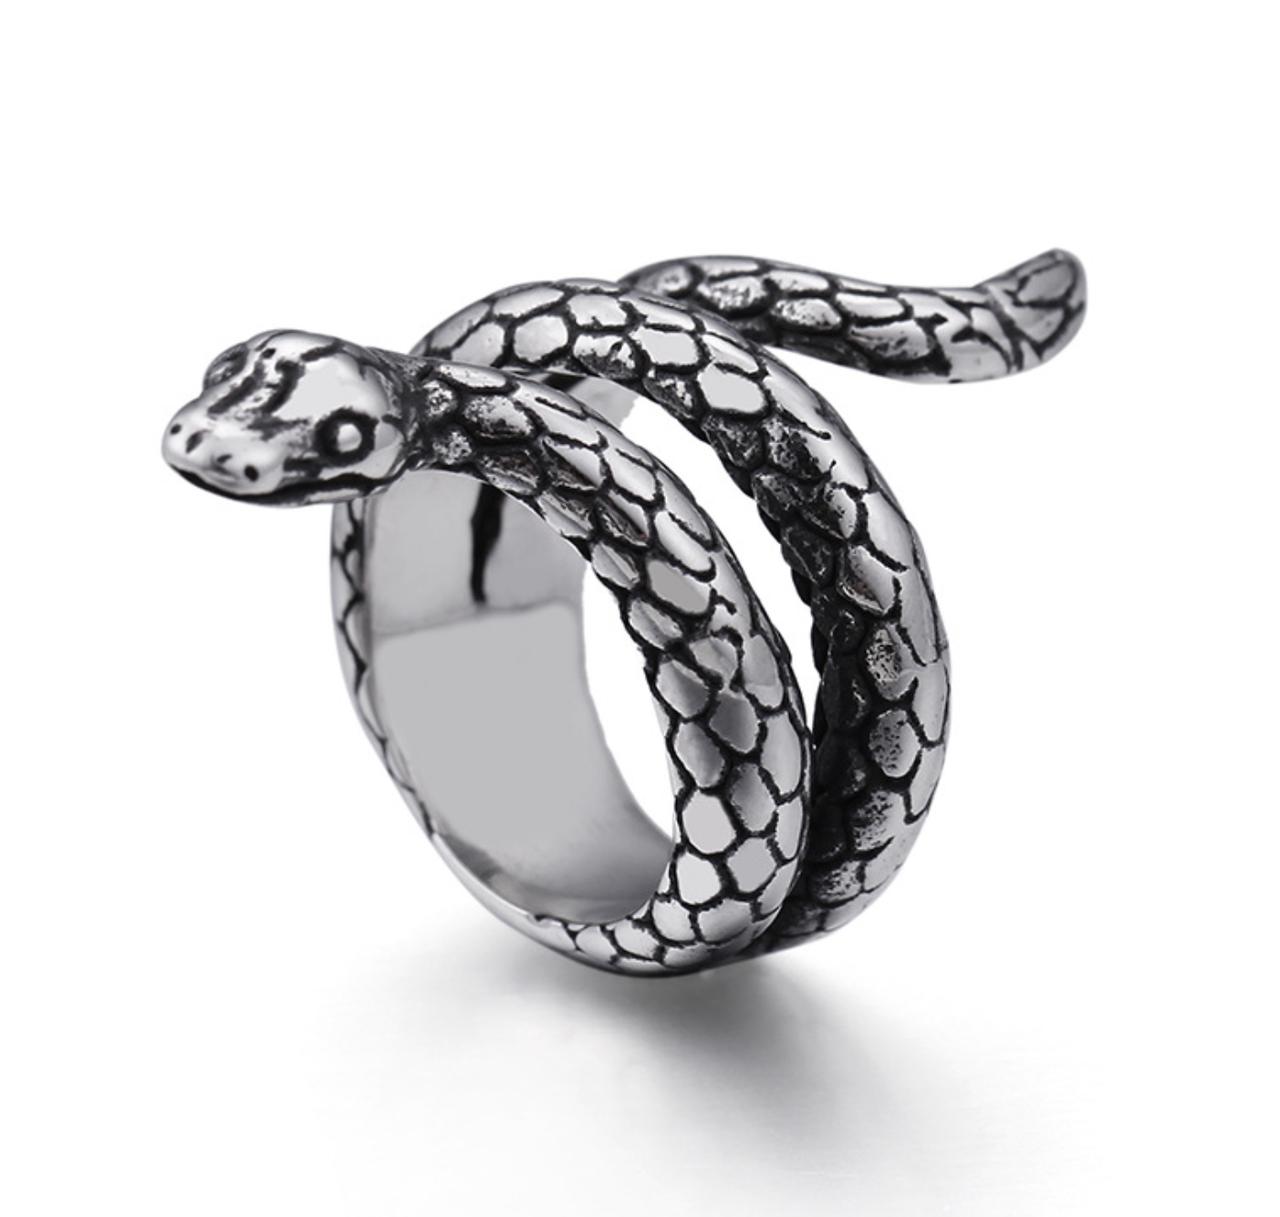 Кільце Жіноче Чоловіче City-A Кільце Змія спіраль Розмір 19 з Титанової Стали колір Срібне №3158